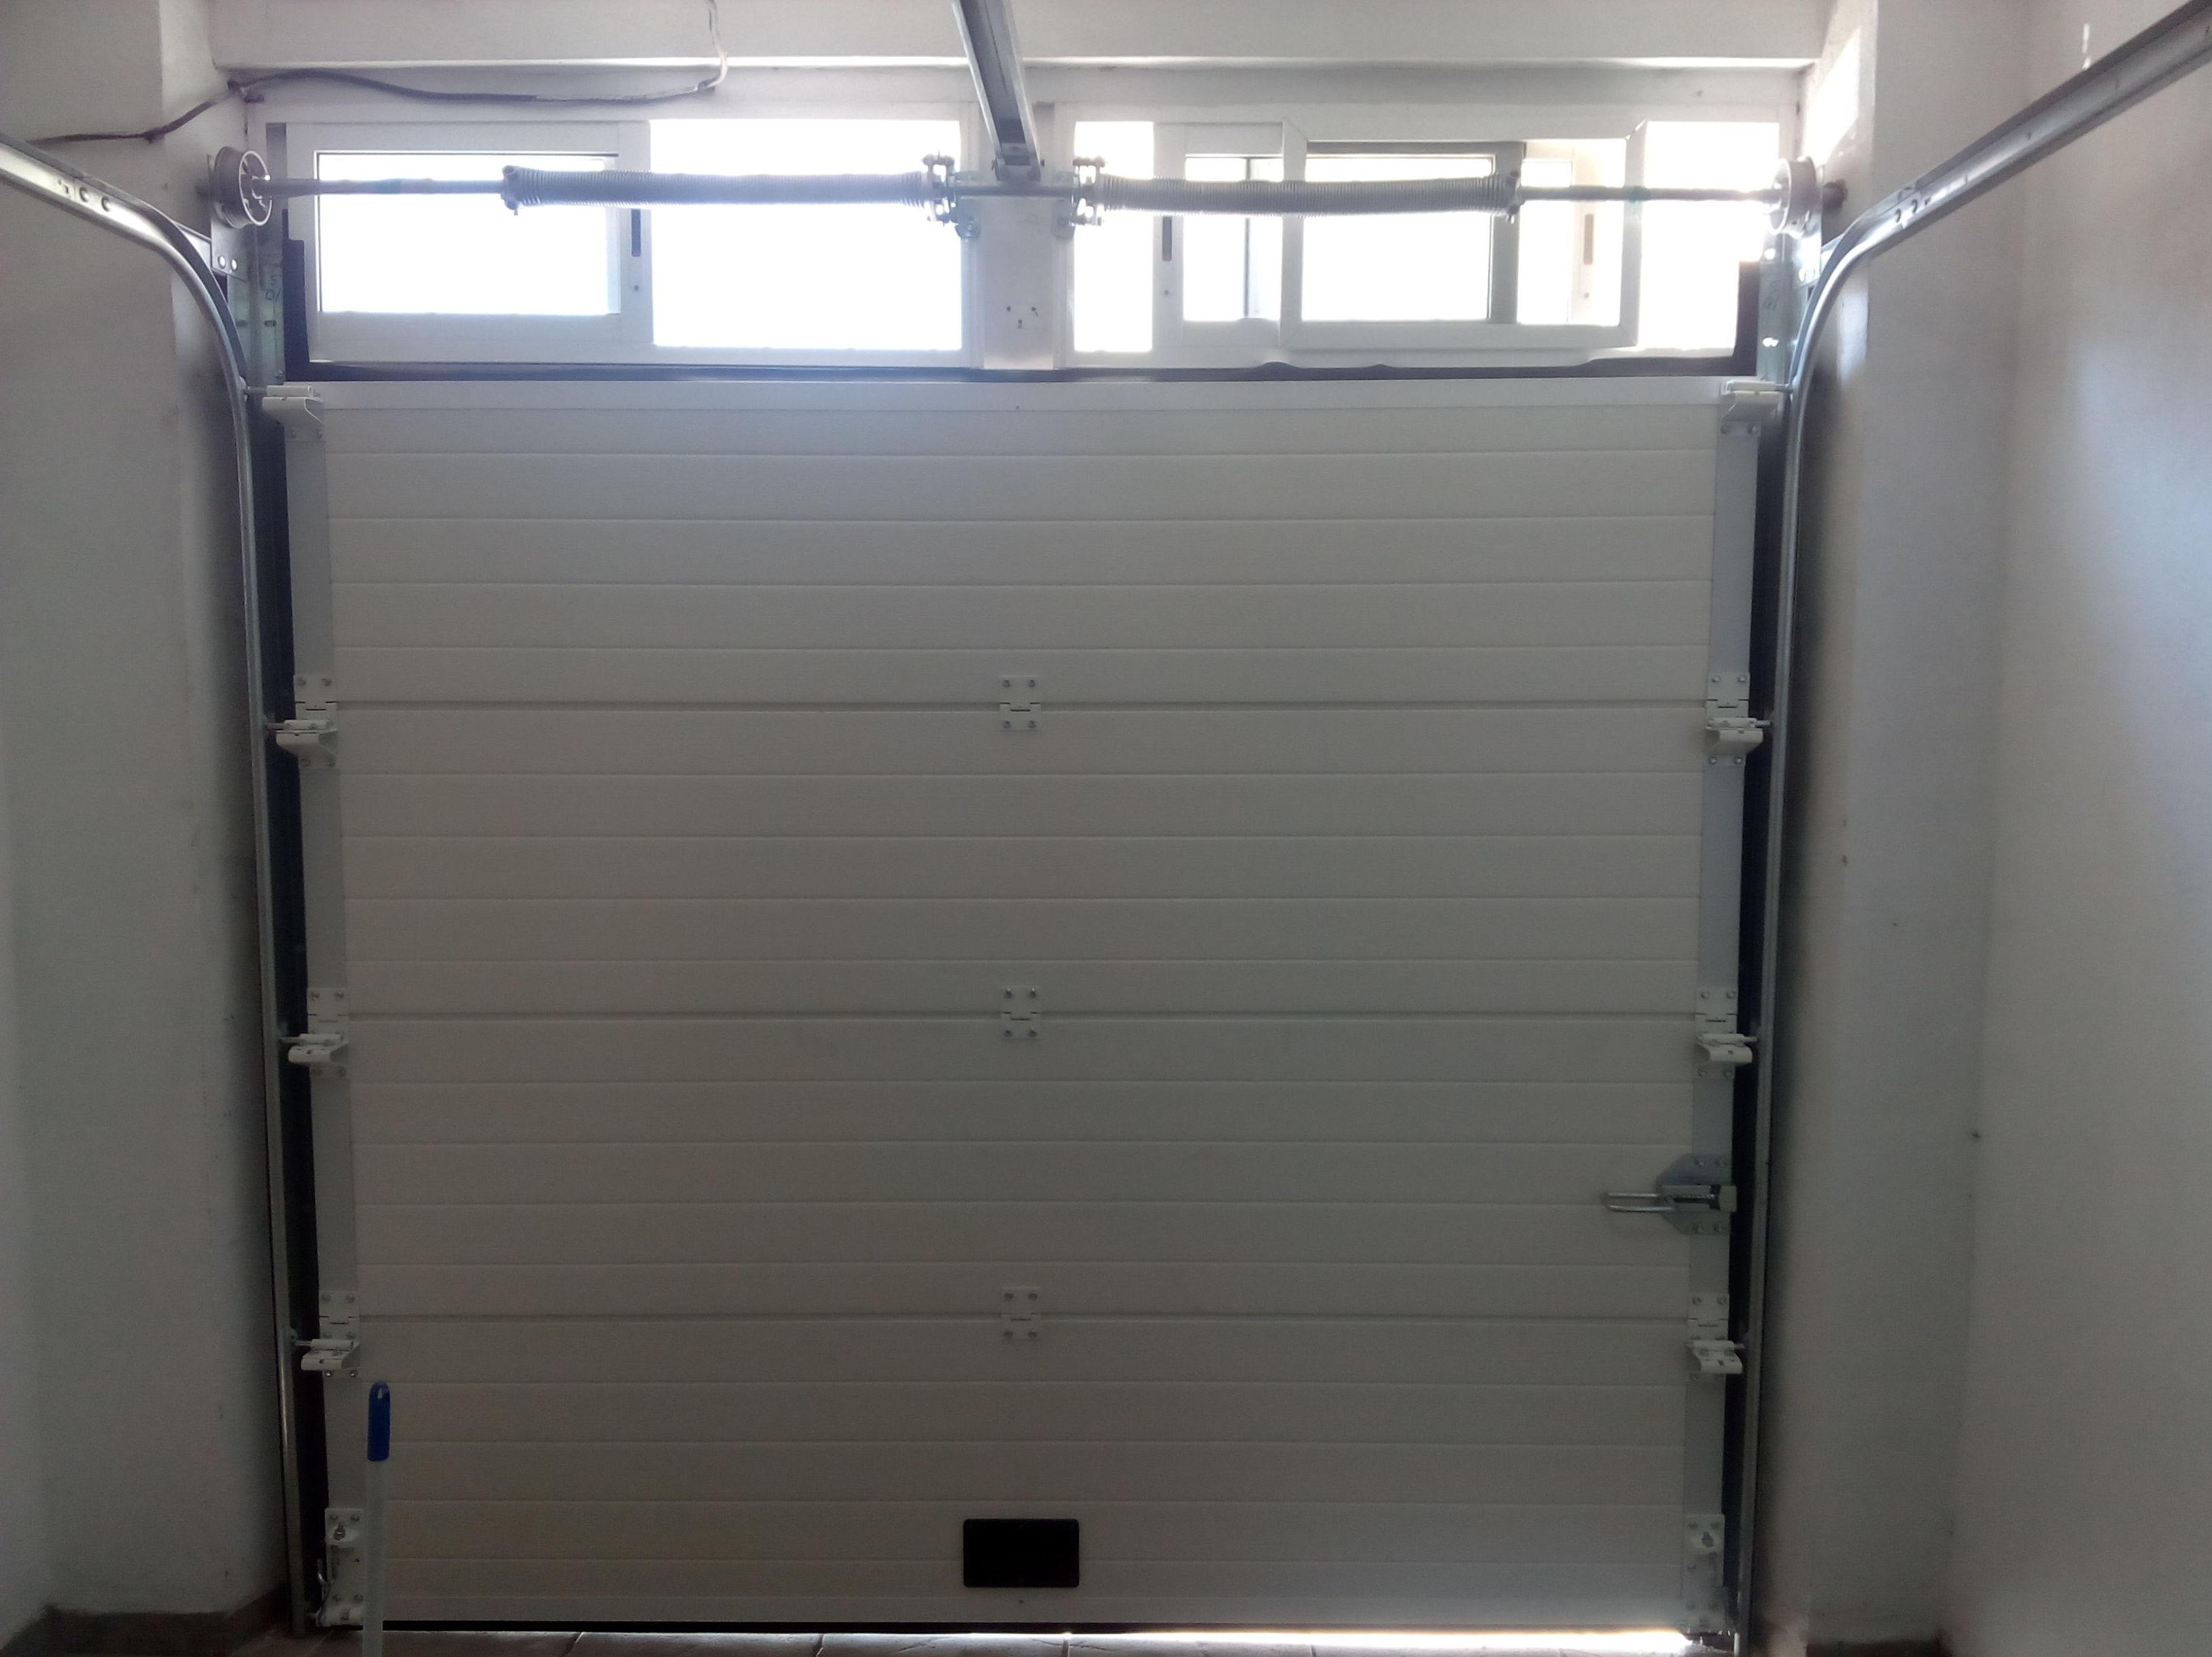 Puerta seccional automática ventilación interior